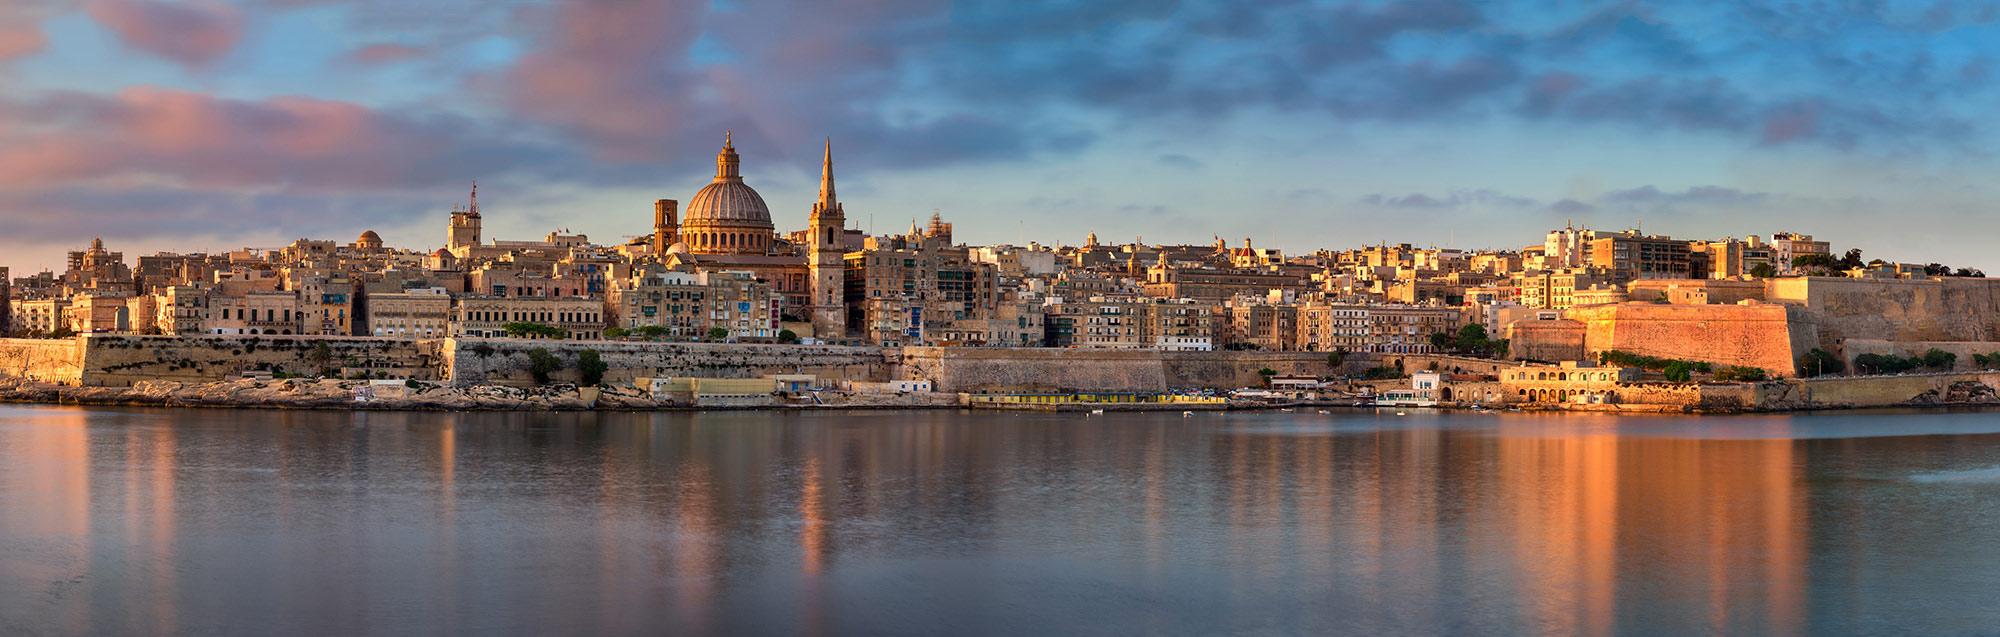 Vacanze studio Malta, corsi di Inglese a Malta